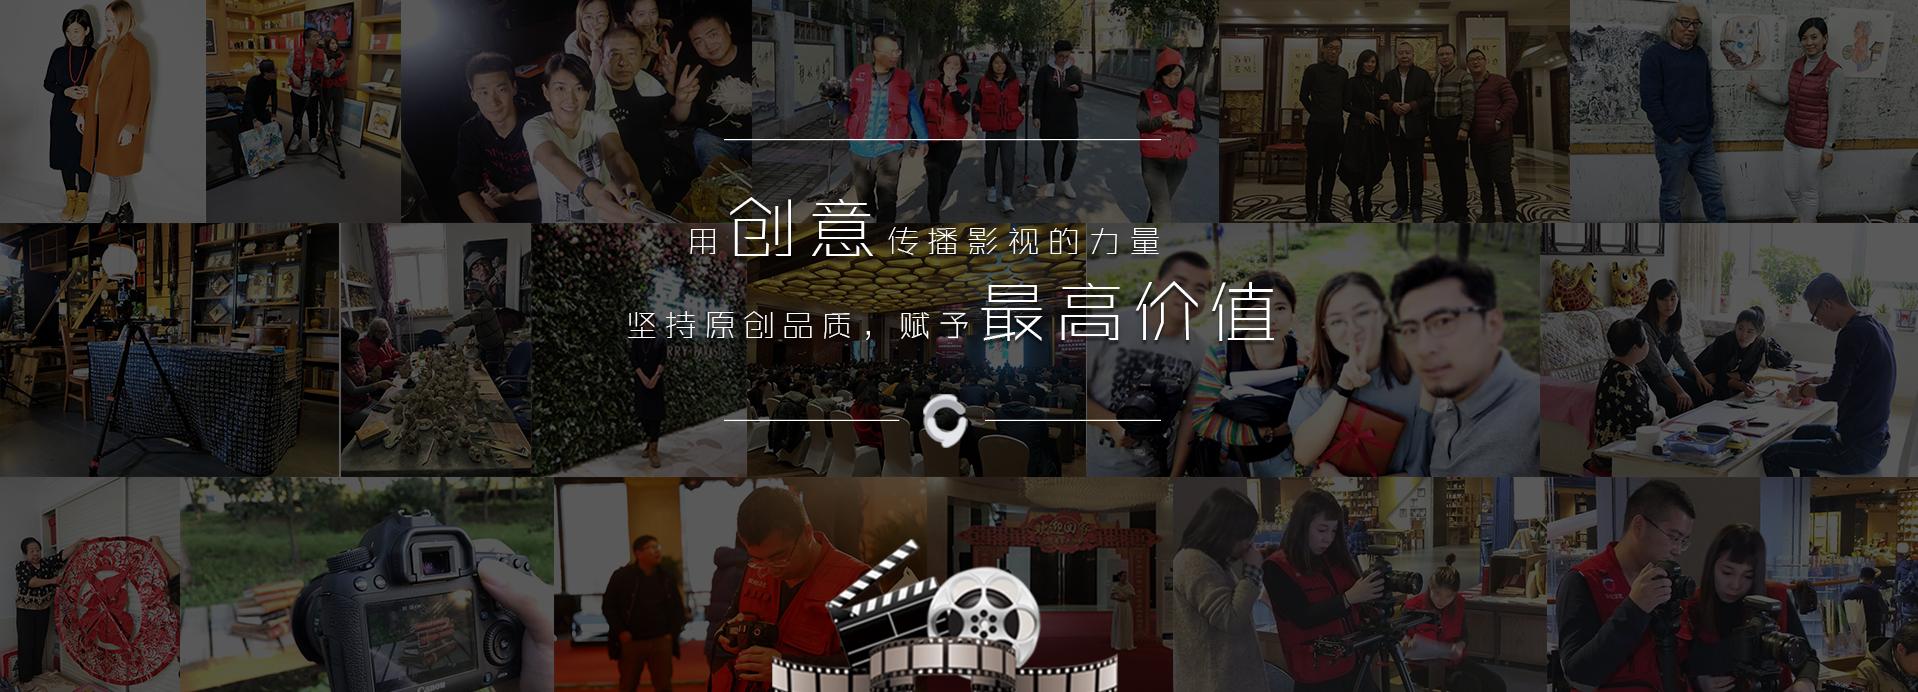 沈阳企业宣传片